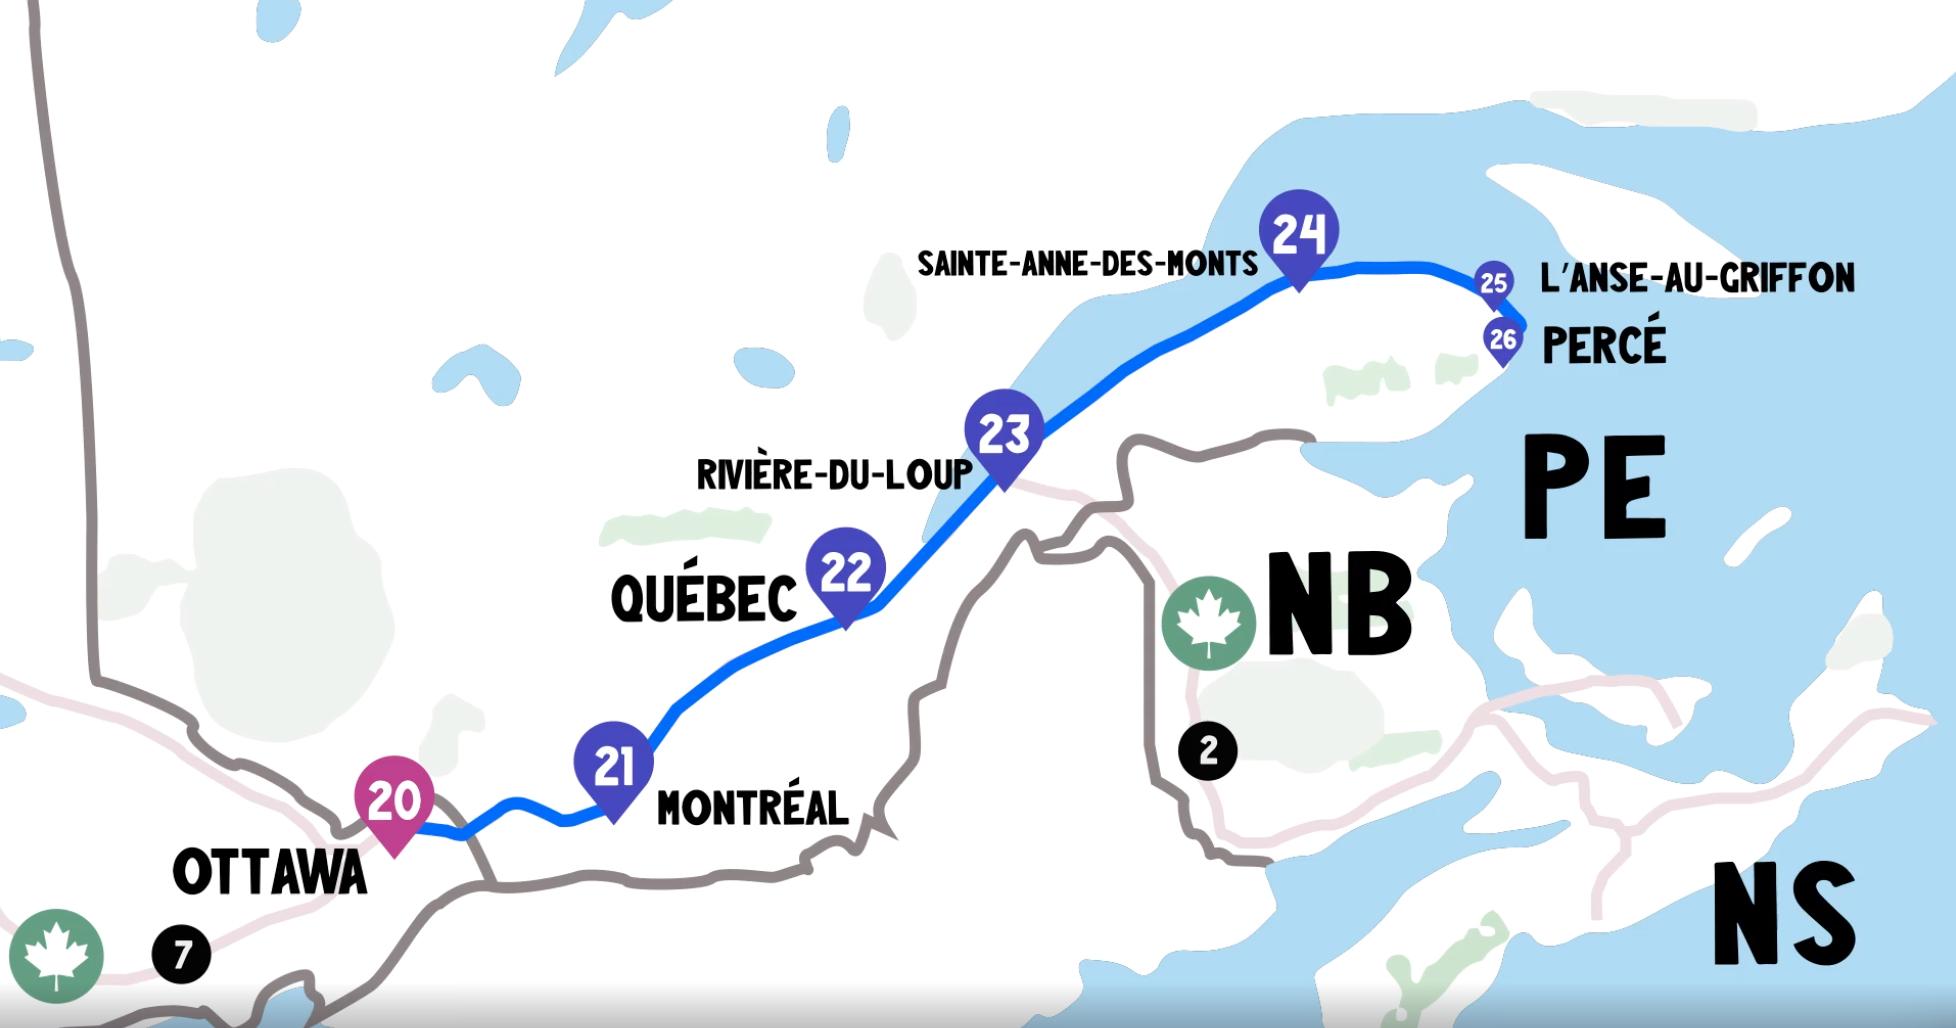 Itinéraire Tour de la Gaspésie - Itinéraire pour un tour de la Gaspésie magique cet été - Nomad Junkies